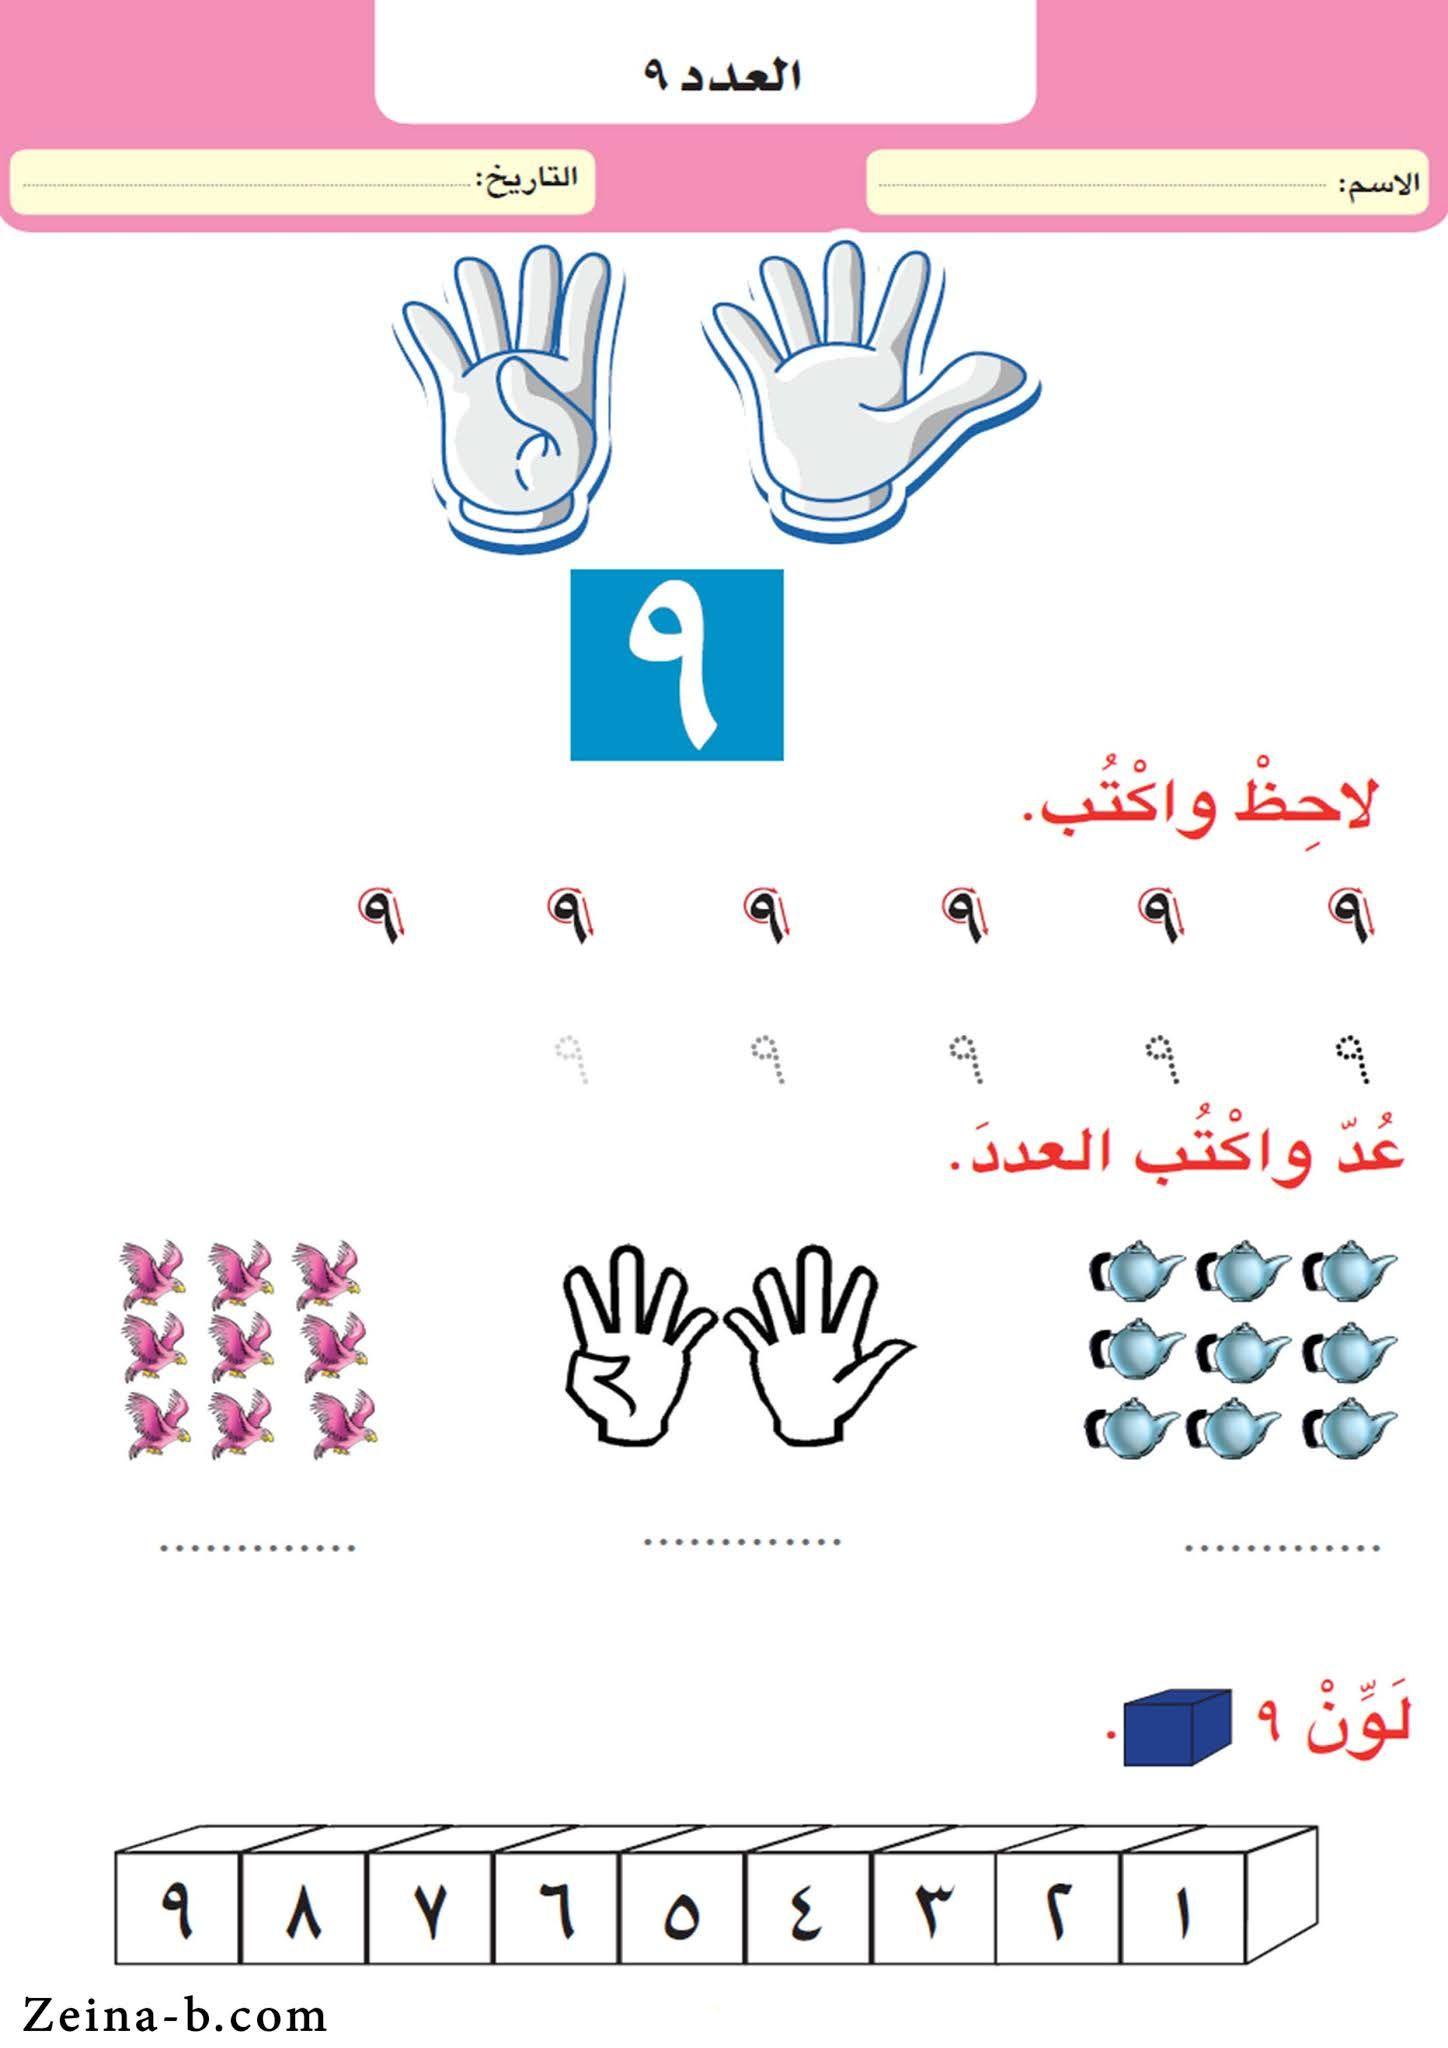 العدد تسعة الرقم ٩ تسعه تعليم الاولاد والنبات الارقام صور تعليم الاطفال من واحد لعشرة In 2021 10 Things Learning